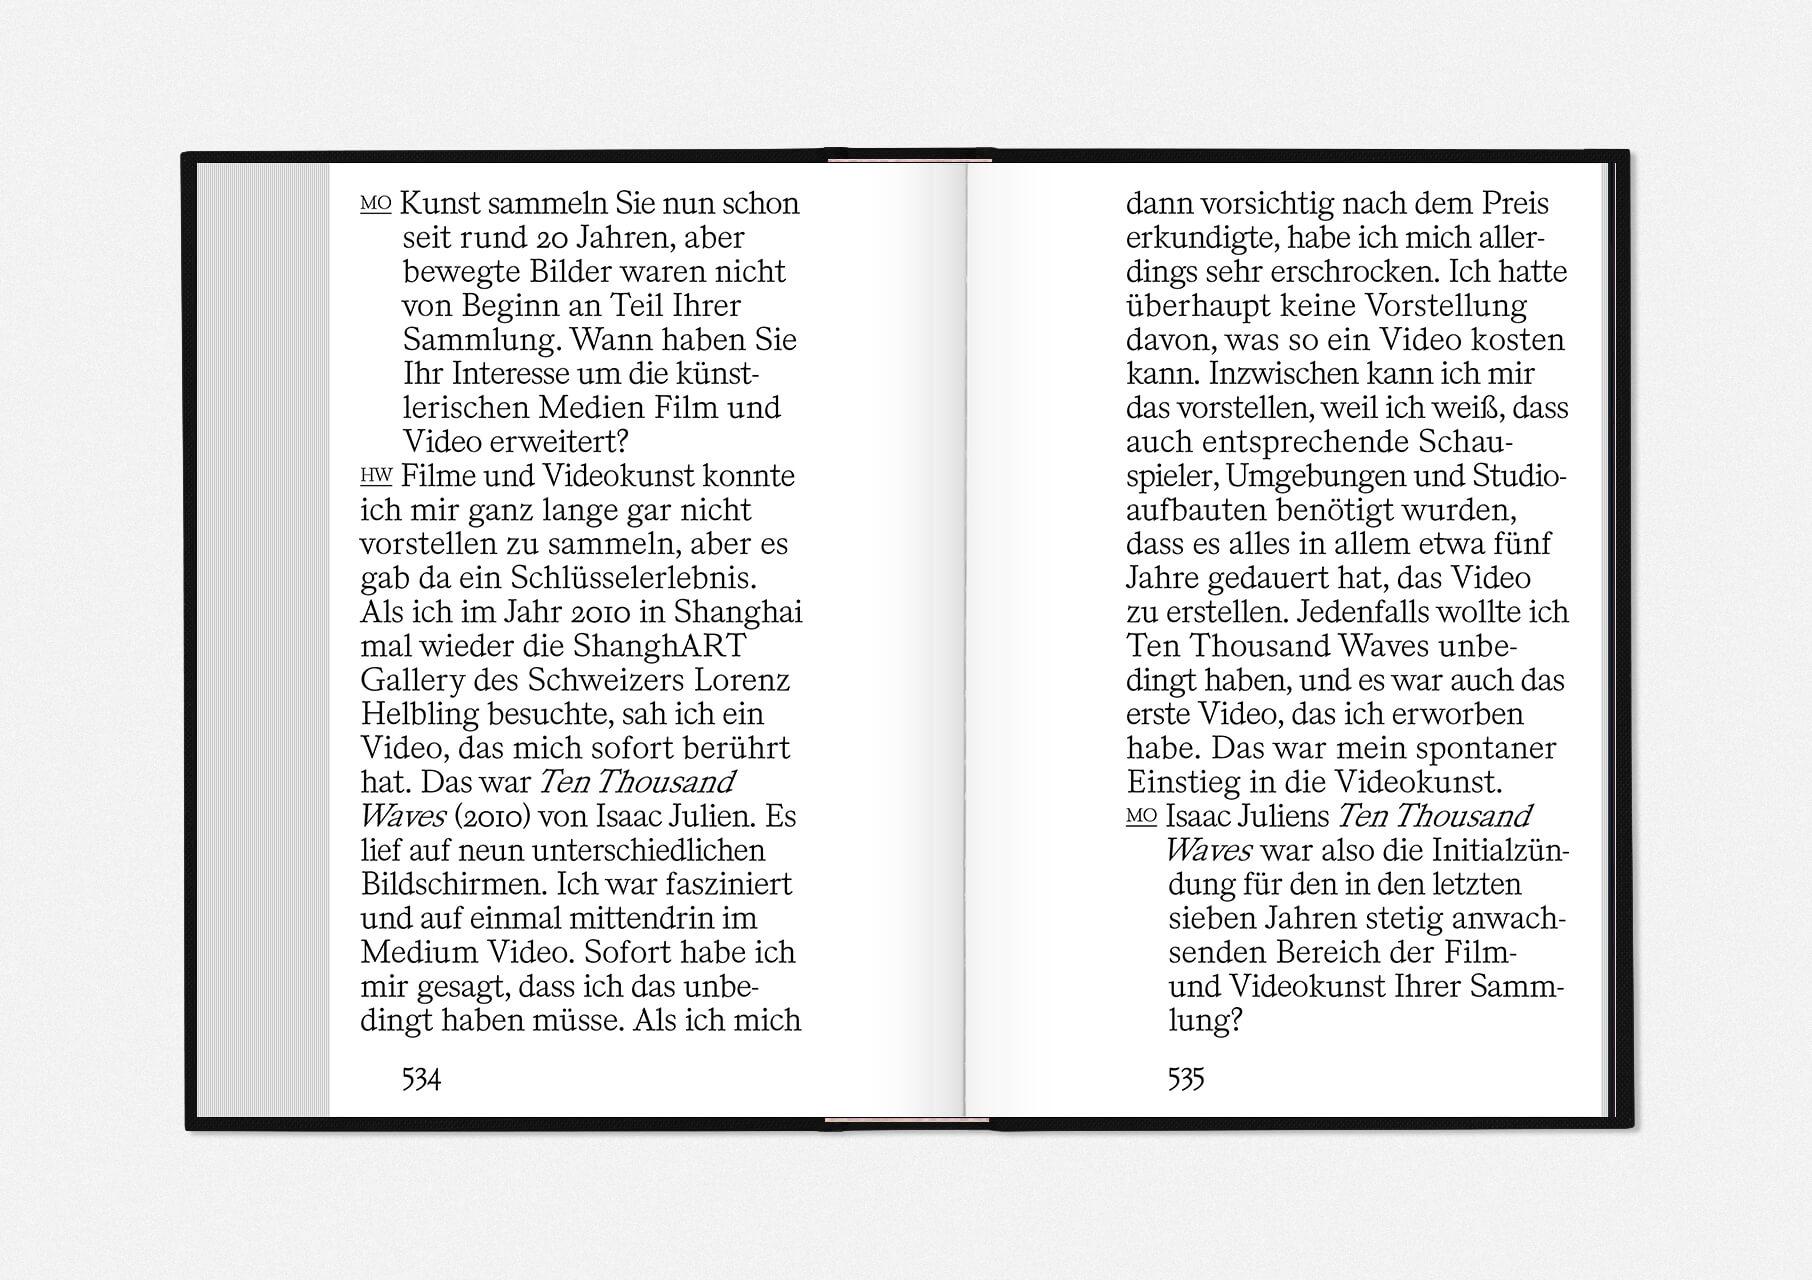 https://neuegestaltung.de/media/pages/clients/sammlung-wemhoner-sehnsucht-und-fall/25766d6f89-1597415390/sw_sehnsucht_und_fall_innenseite_534_535_ng.jpg